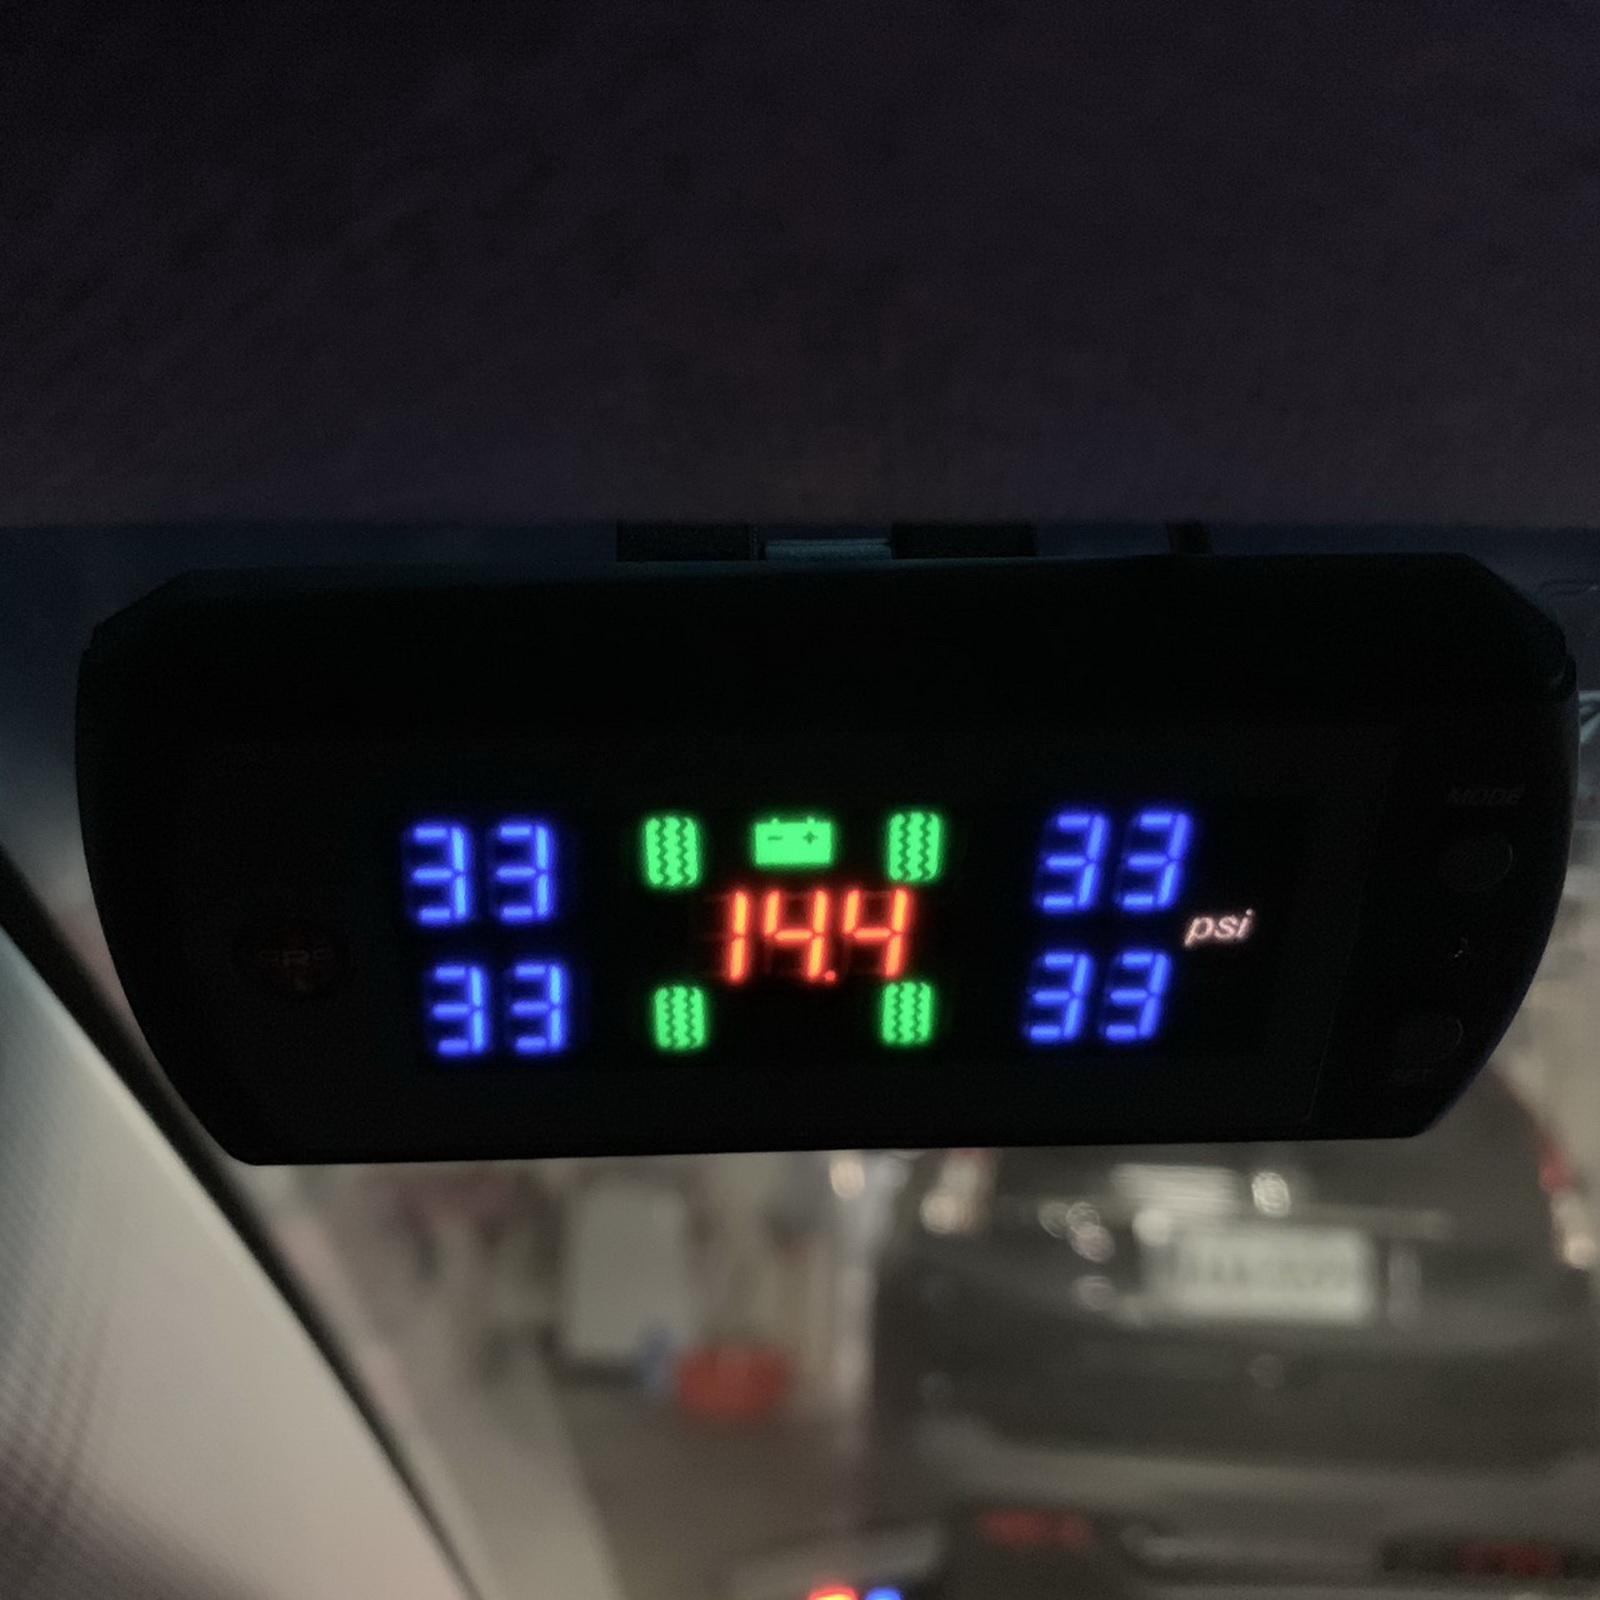 圖/▲此為無線胎壓偵測器,四輪胎壓皆屬正常範圍,中間數值是電壓,啟動後的電壓應介於13.5~14.5V左右,過高或過低都屬異常現象。